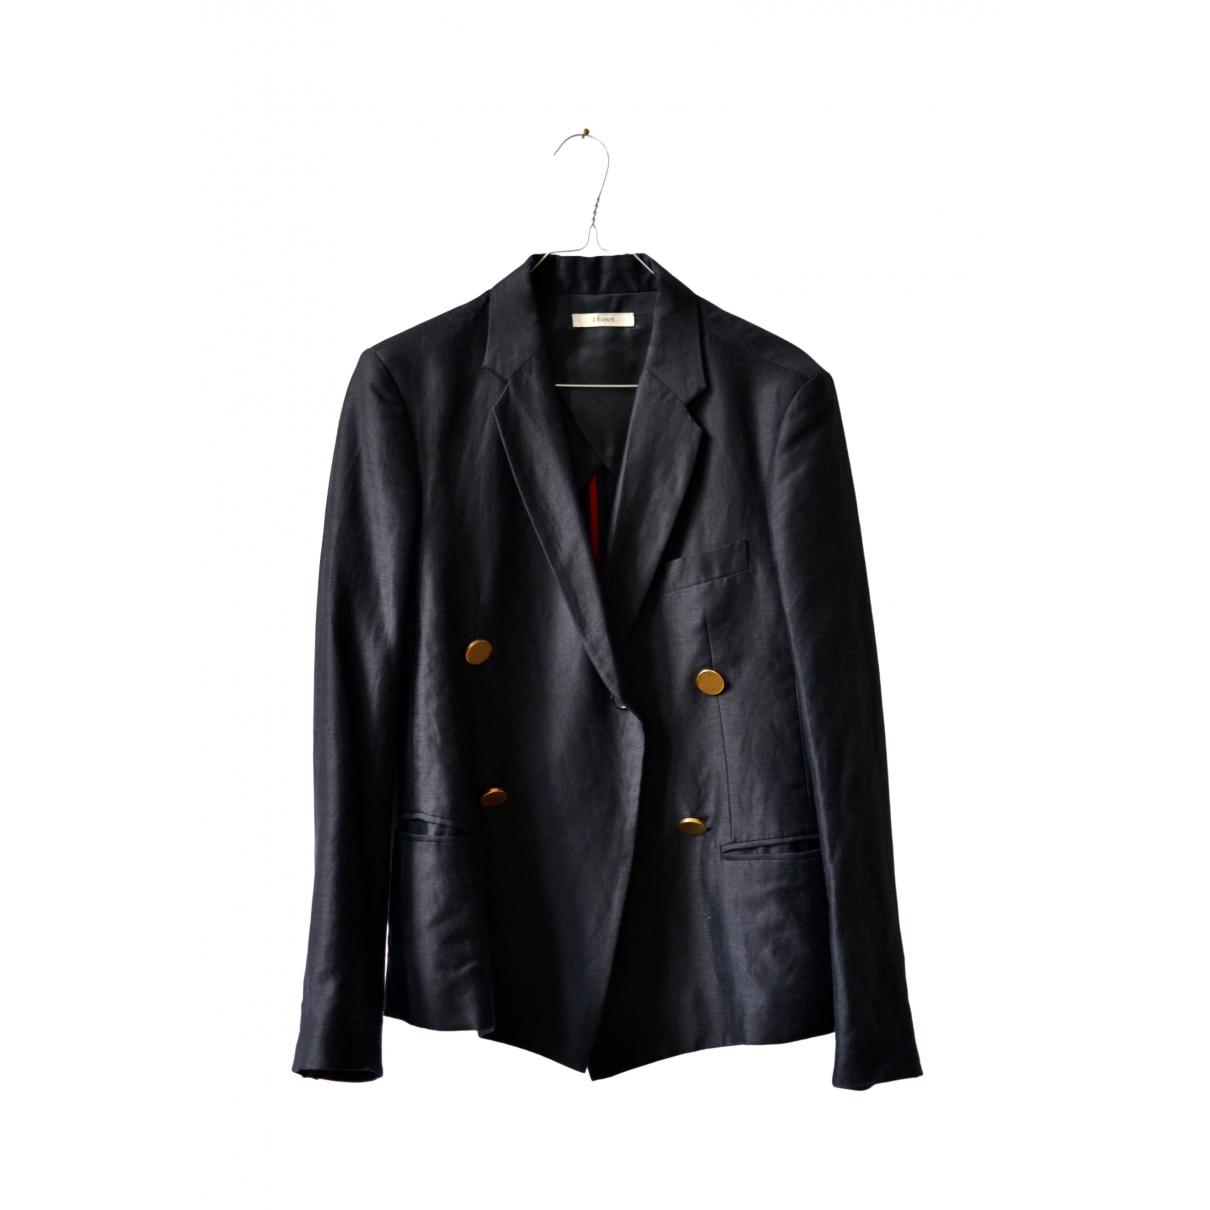 Celine \N Black Linen jacket for Women 38 FR